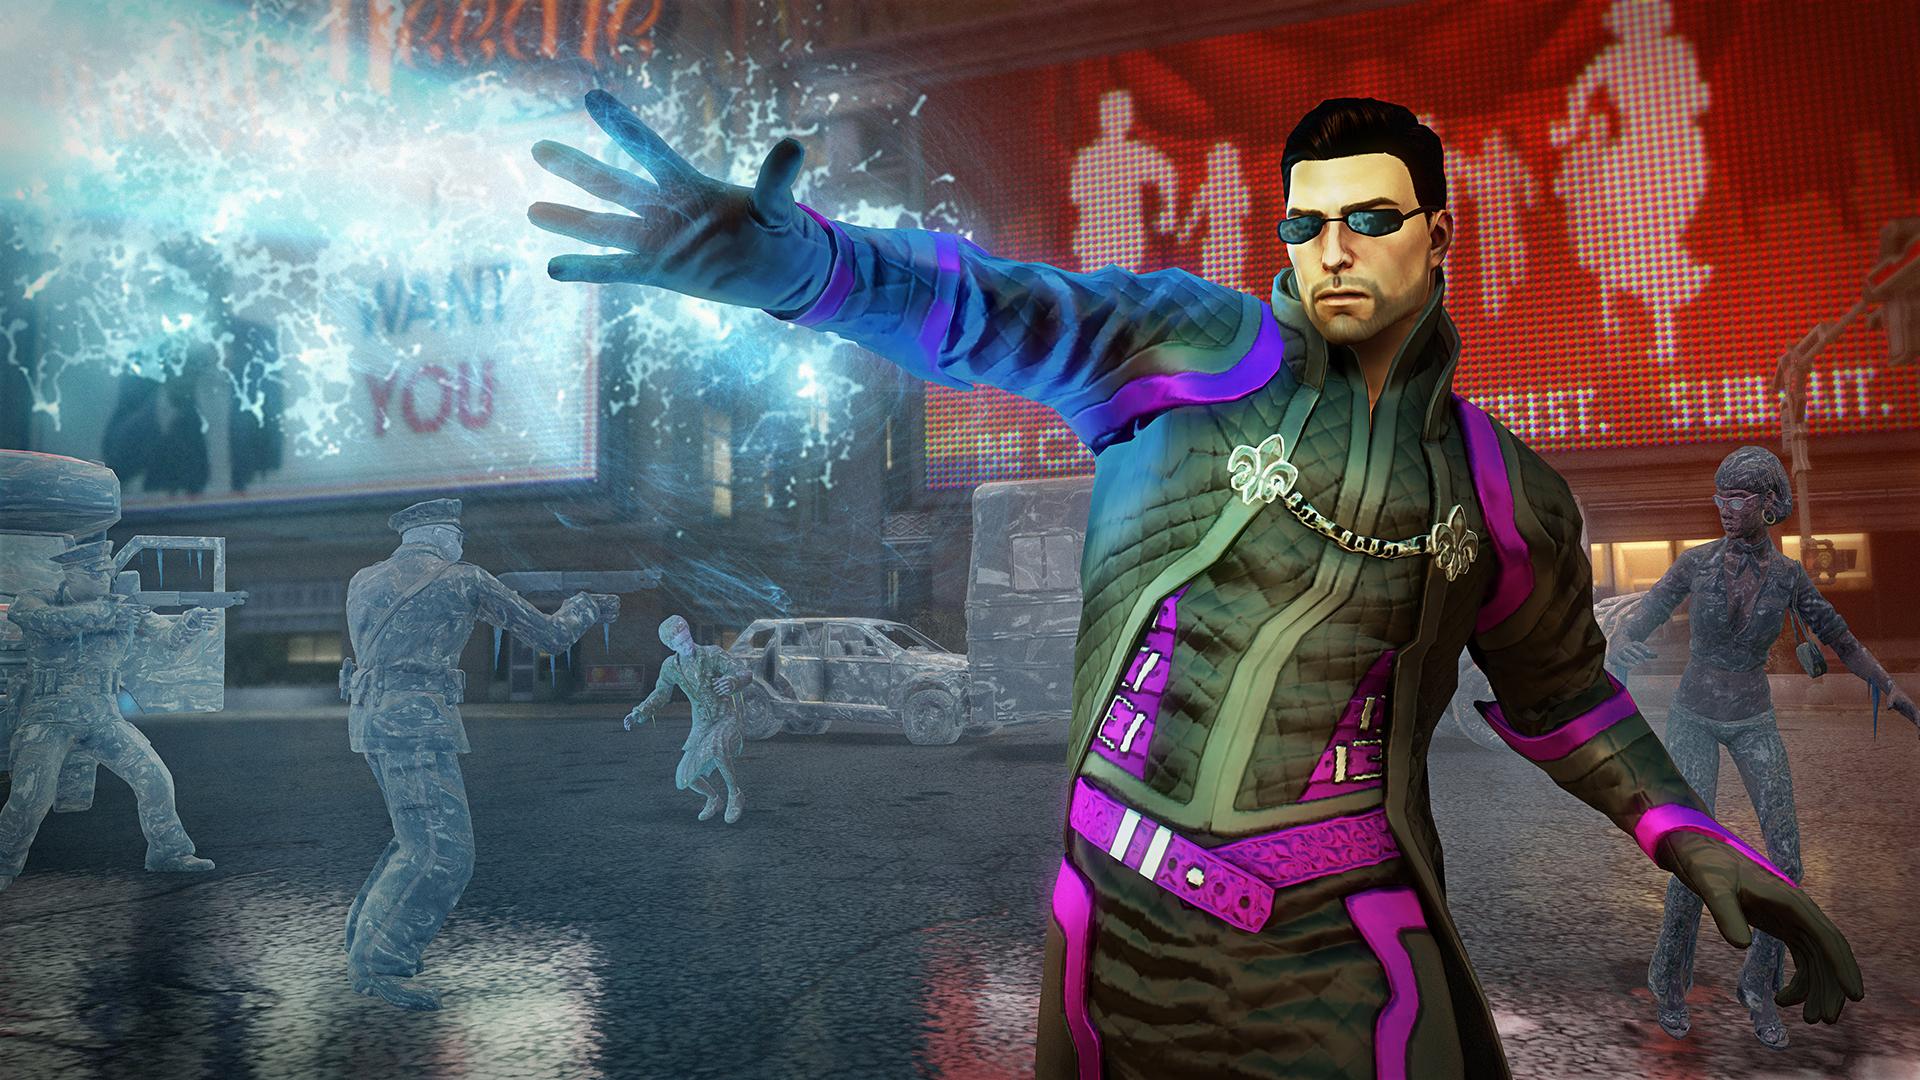 Superpoderes vão tornar Saints Row ainda mais frenético (Foto: Divulgação)